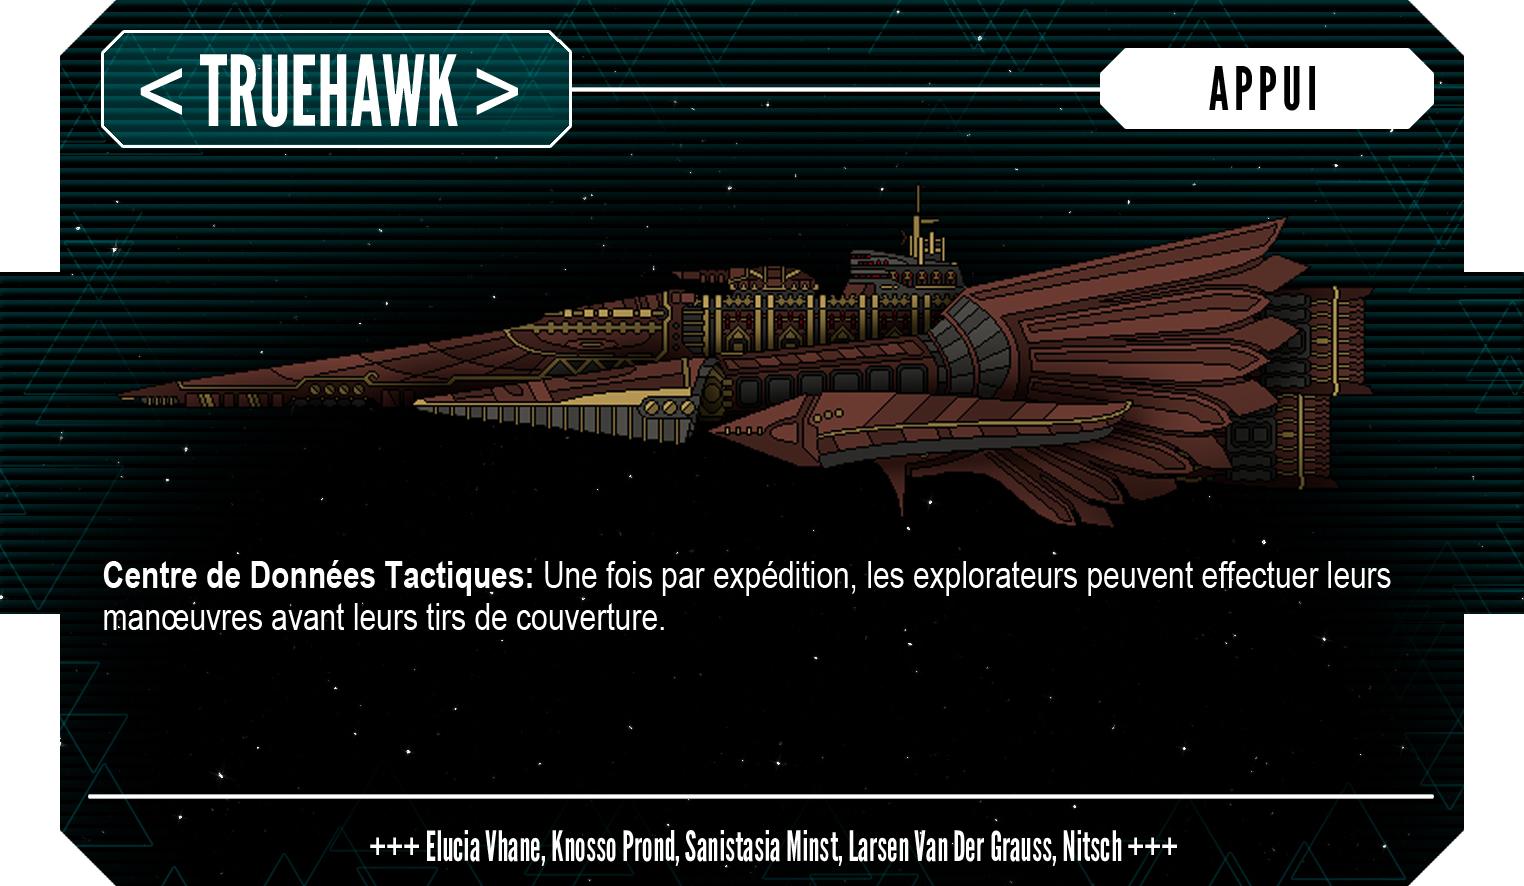 Truehawk-Appui.jpg